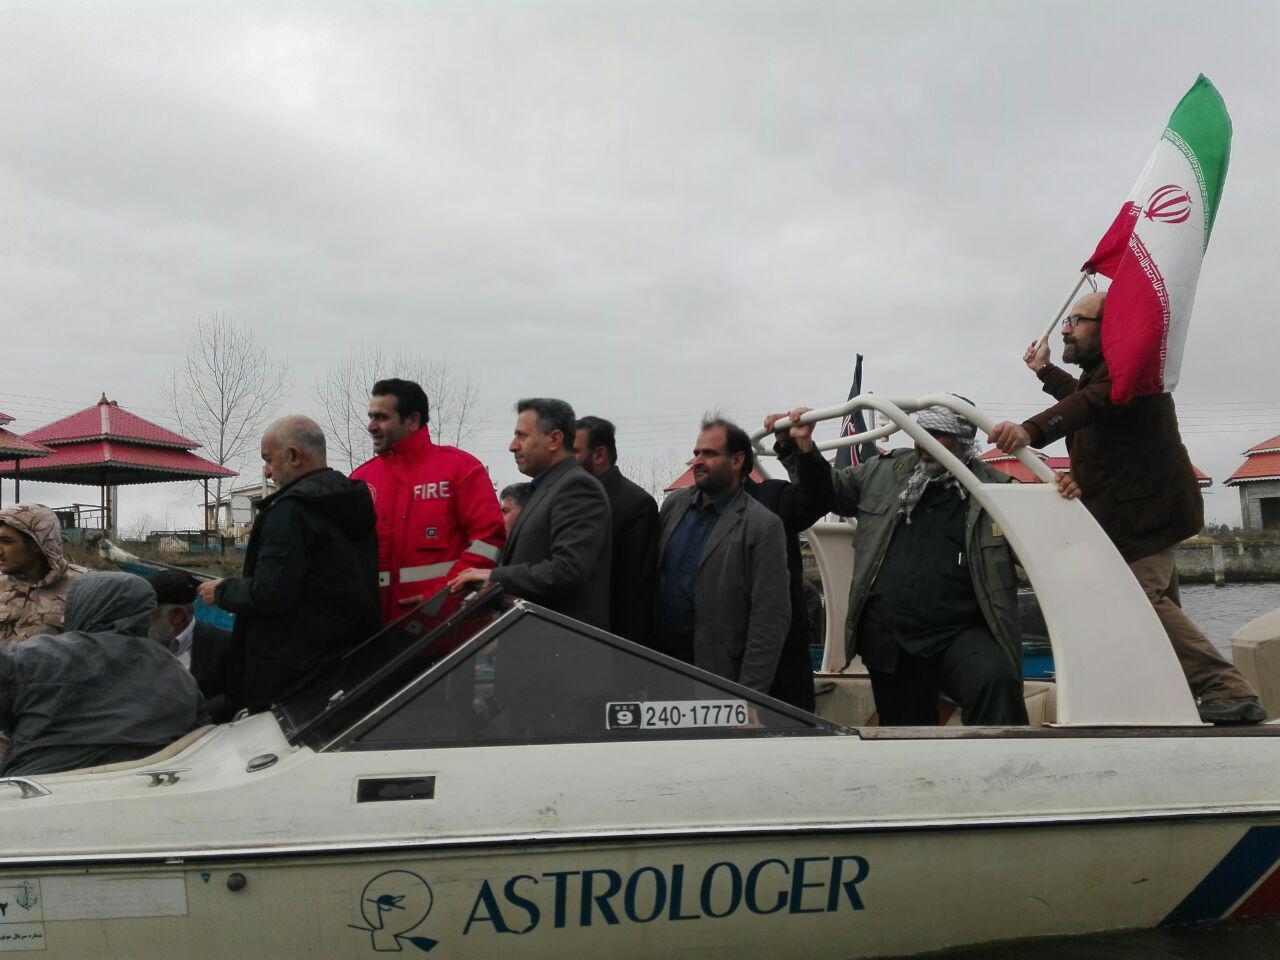 افتتاح-سایت-پروازی-تا-رژه-دریایی-به-مناسبت-چهلمین-سالگرد-پیروزی-انقلاب-در-چمخاله